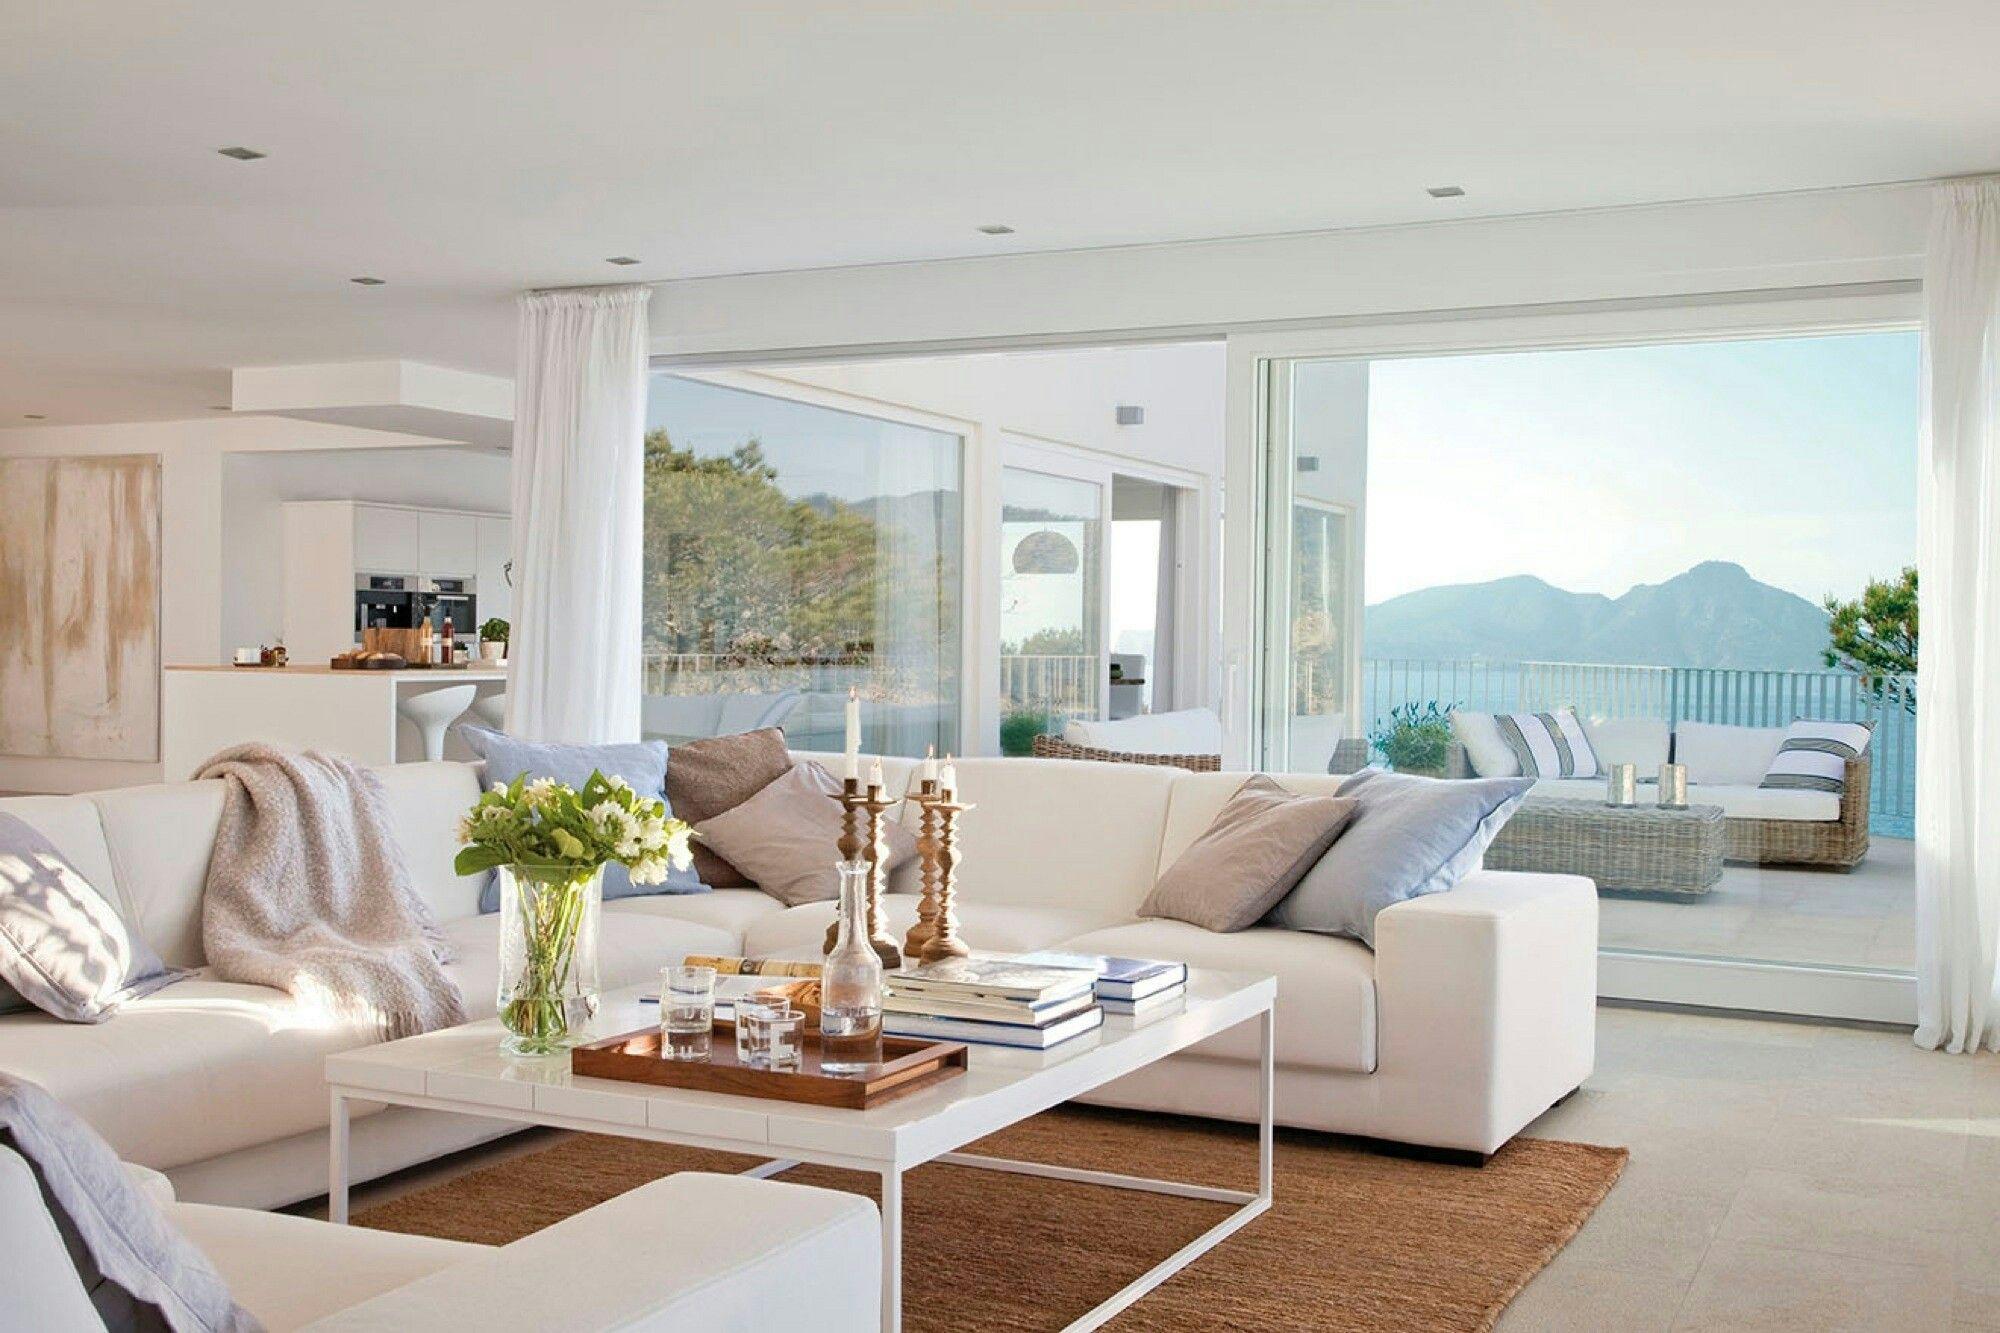 Salon Mirando Al Mar Estilo En El Hogar Interiores De Casa